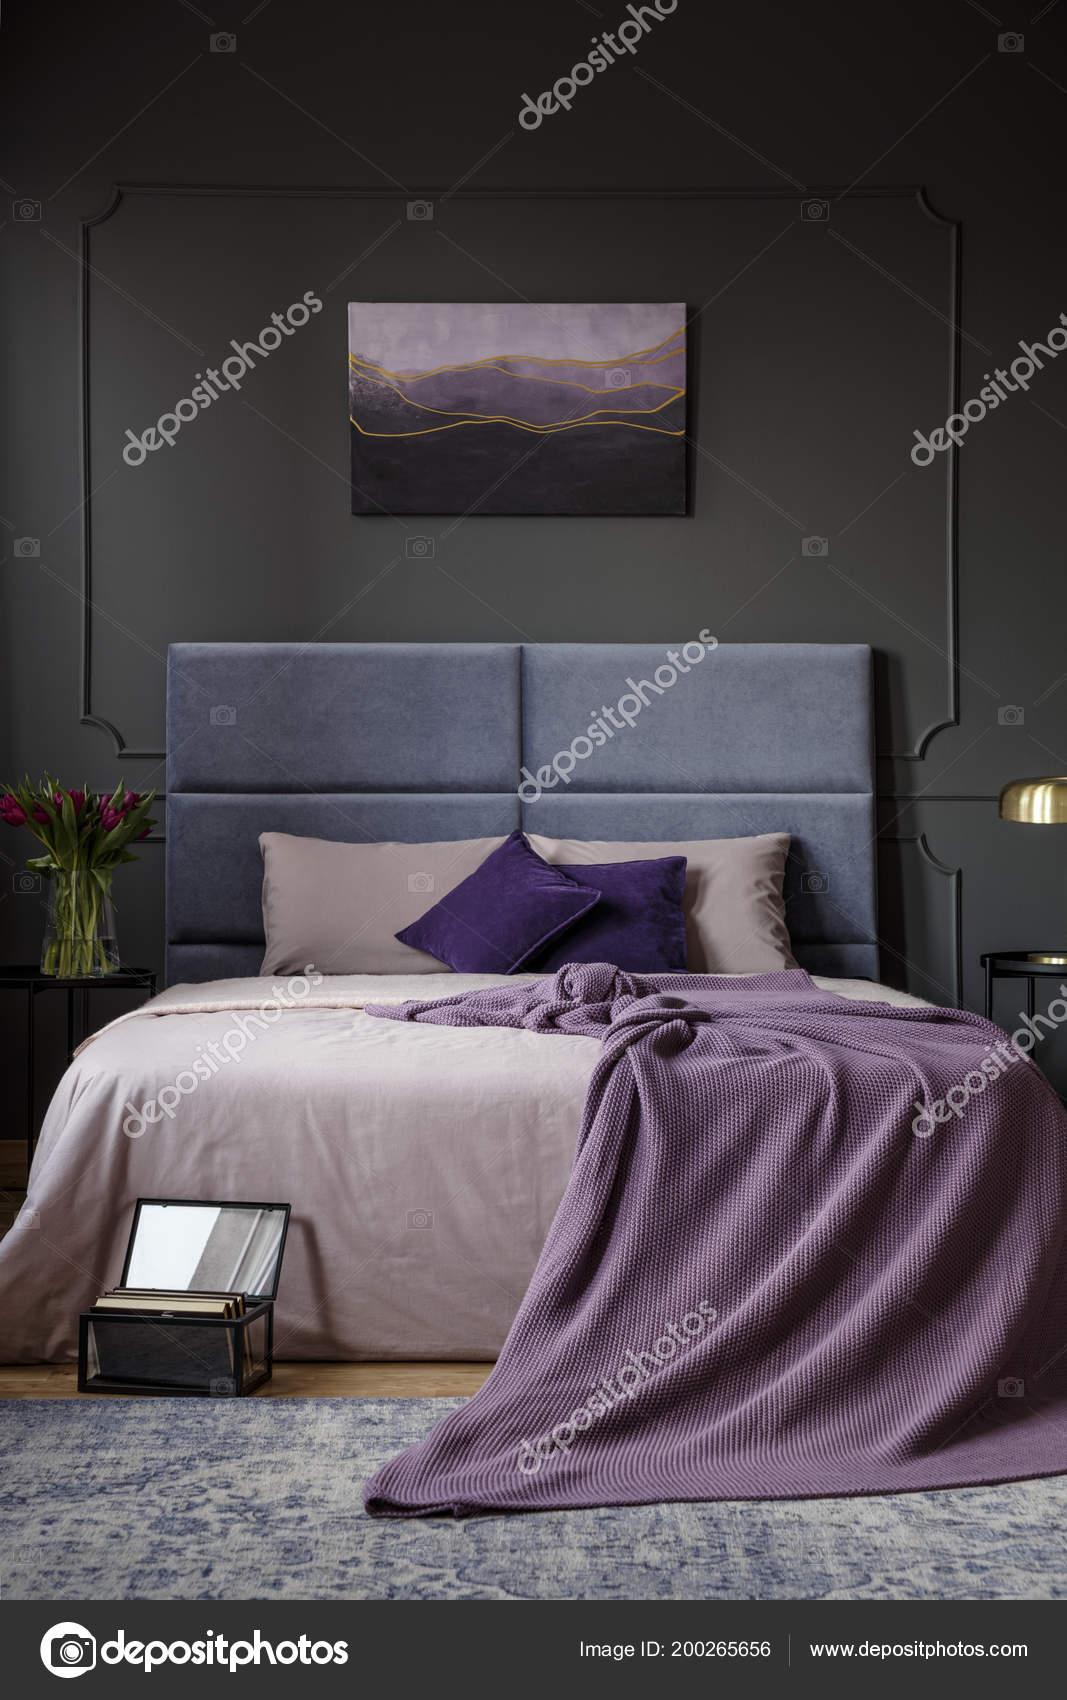 paarse deken het bed donkere slaapkamer interieur met een schilderij stockfoto